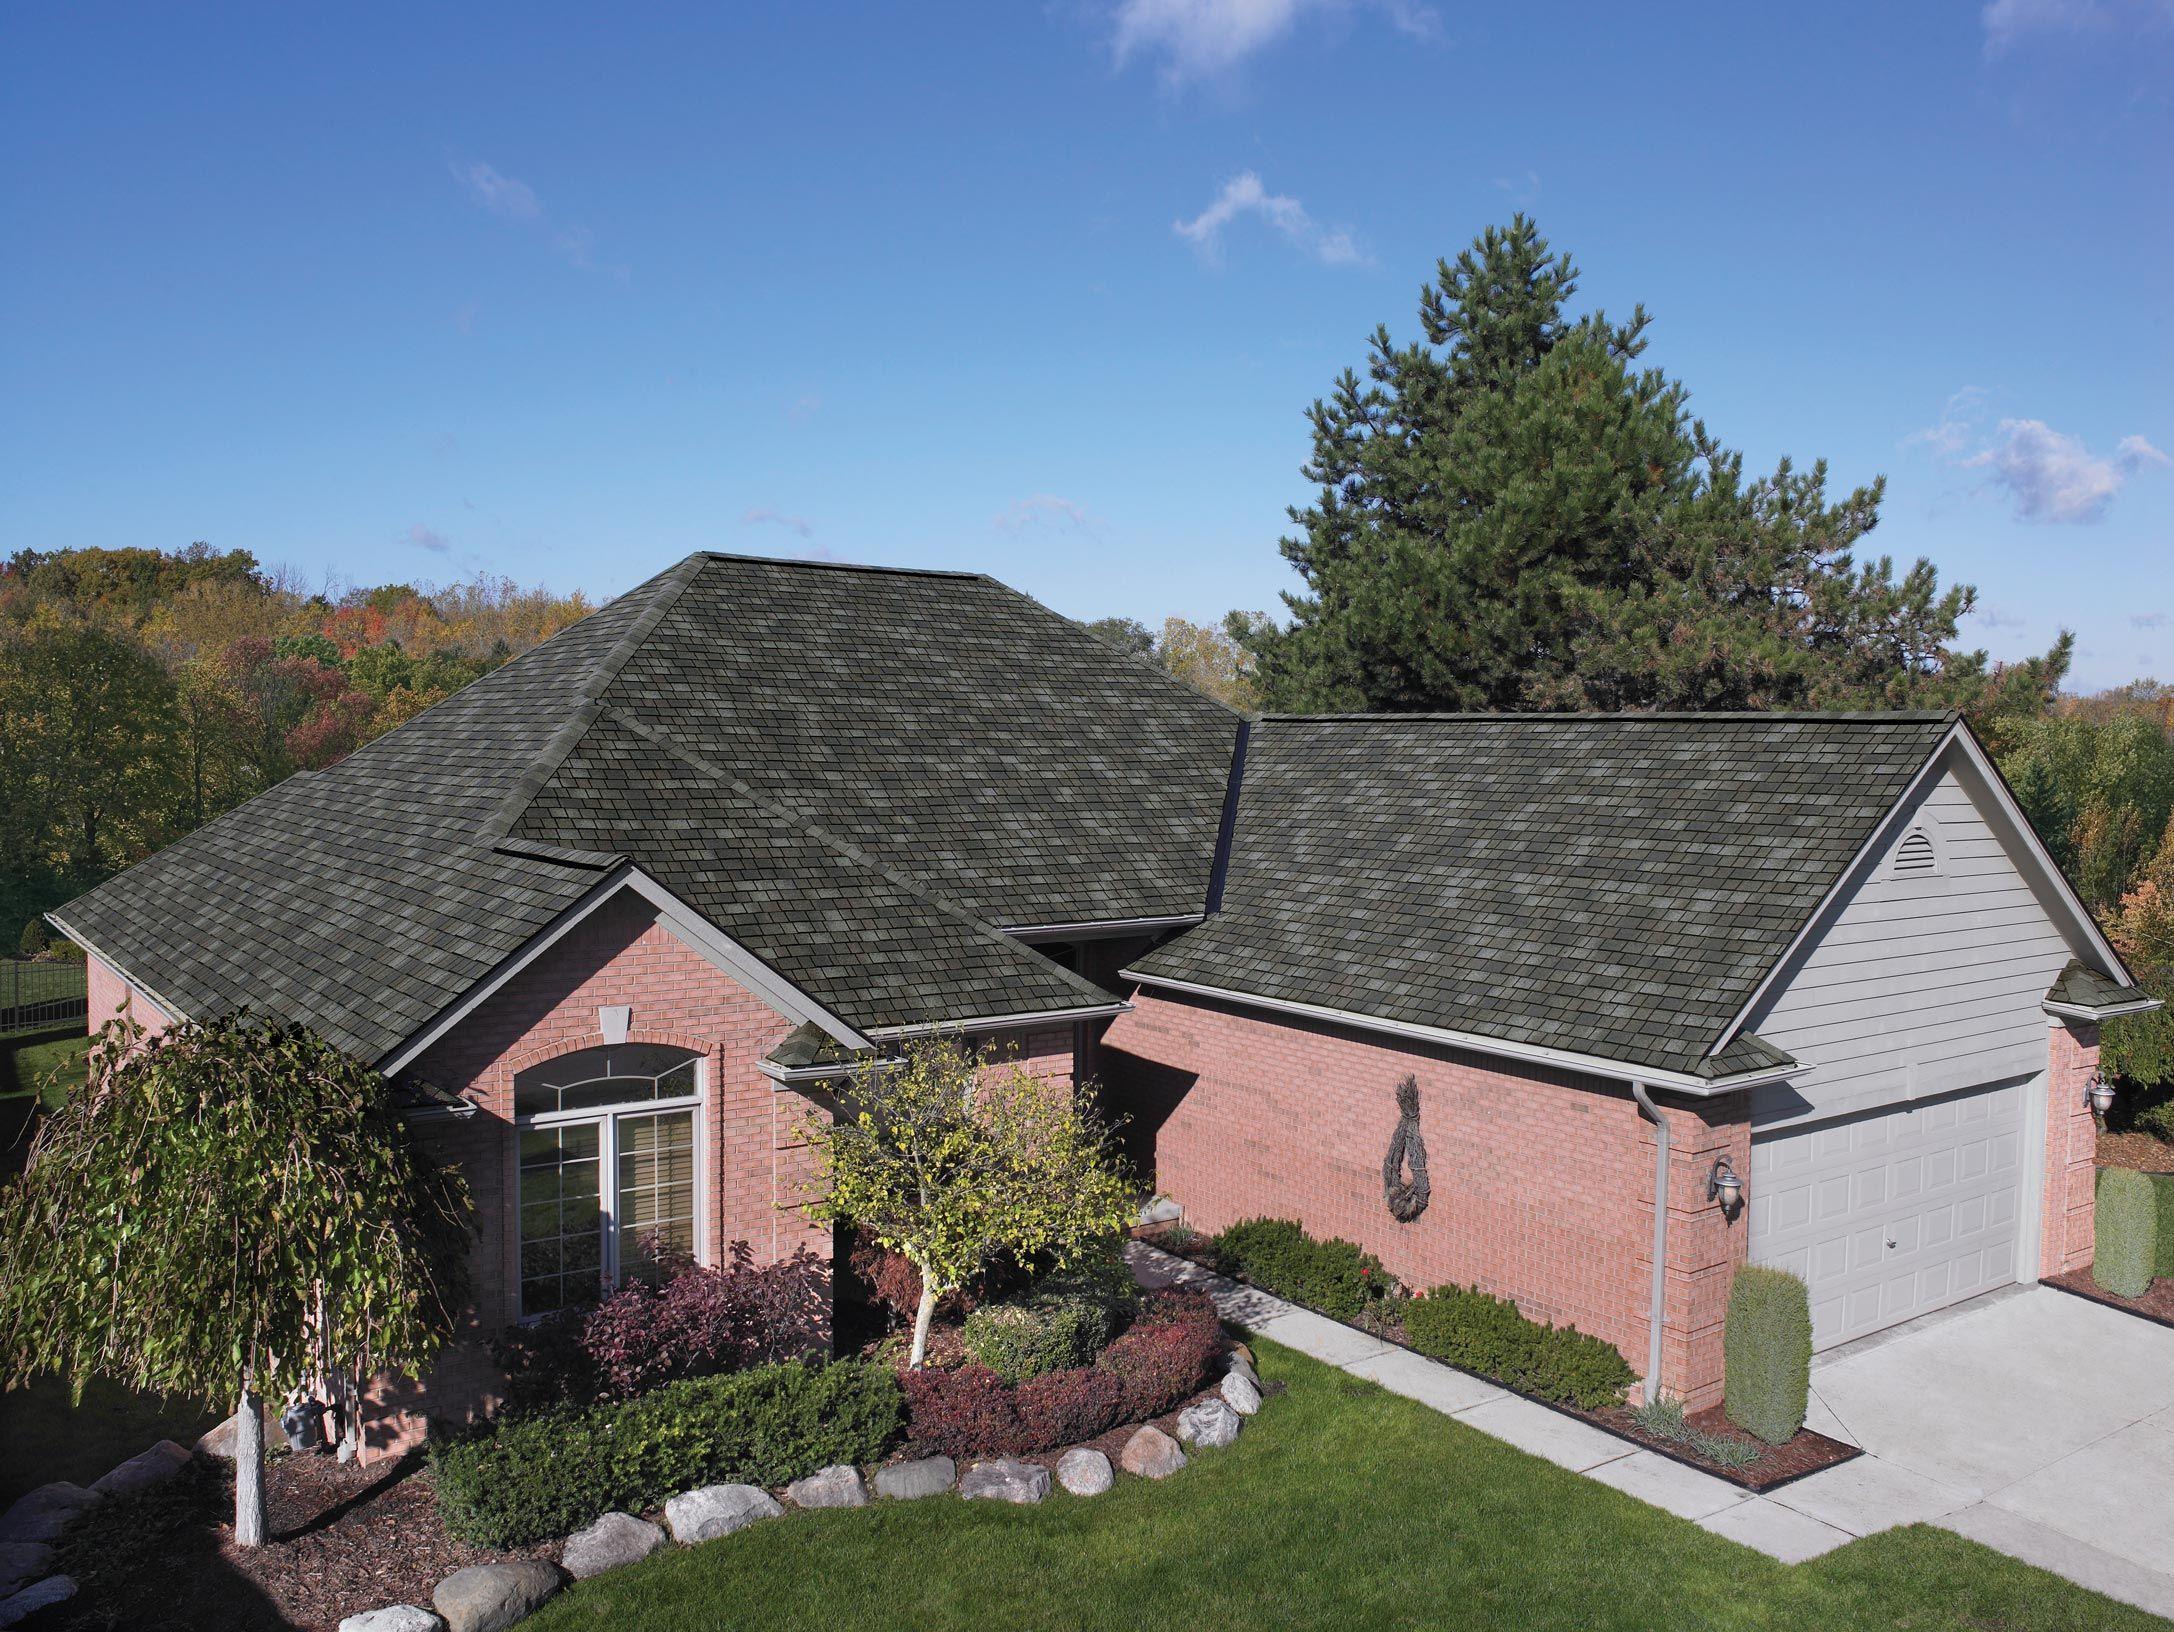 Iko Royal Estate In Mountain Slate Designer Asphalt Shingles Slate Brown Roof In 2020 Residential Roofing Shingles Roof Shingles Residential Roofing